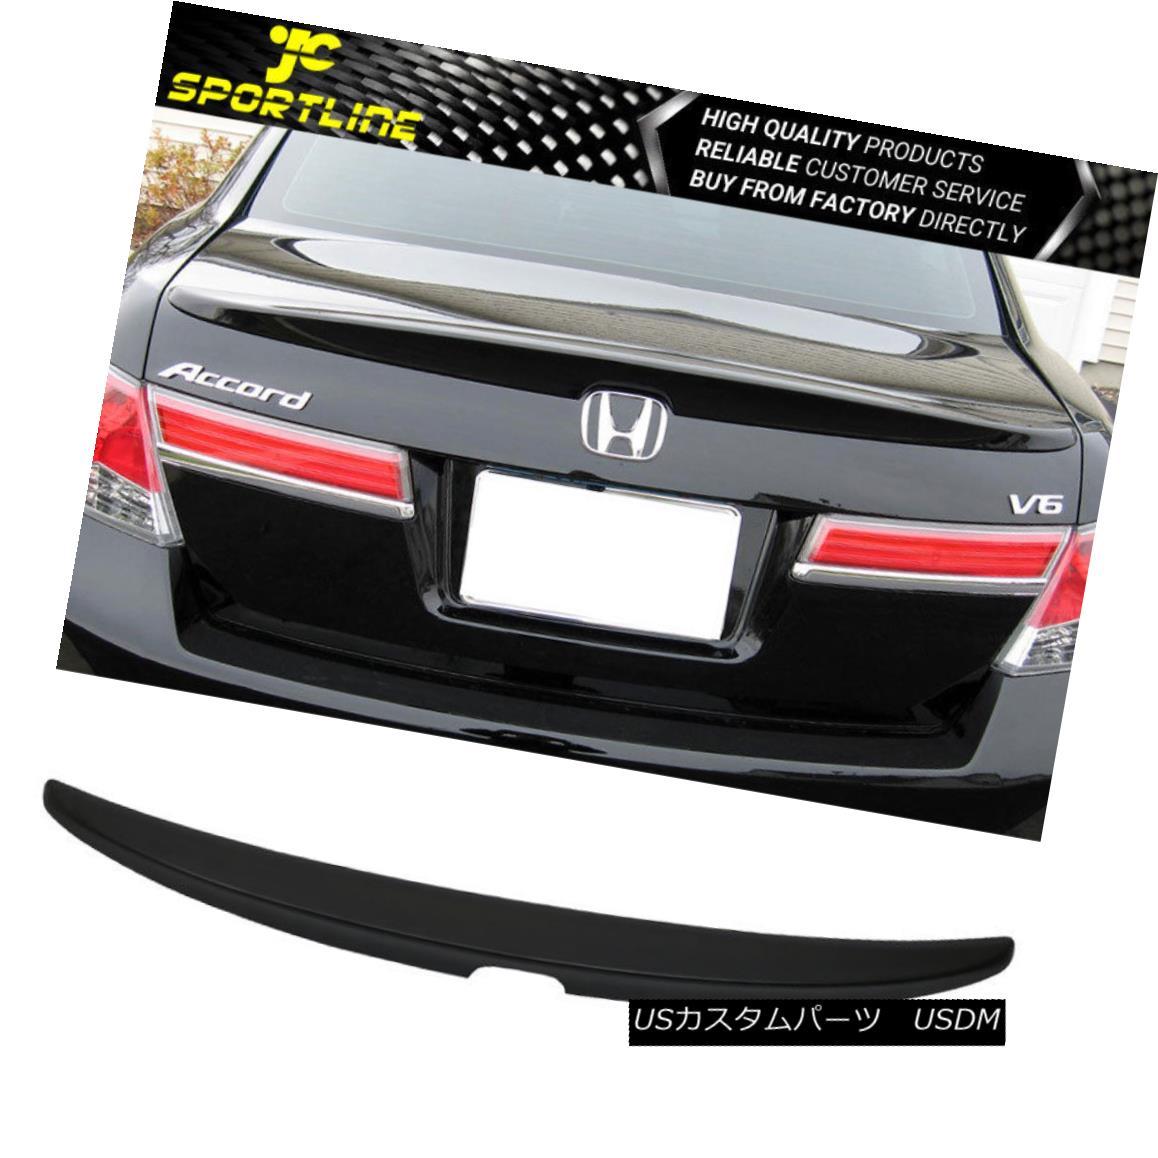 エアロパーツ Fits 08-12 Honda Accord EX LX Sedan 4DR Rear Trunk Spoiler Wing Unpainted Black フィット08-12ホンダアコードEX LXセダン4DRリアトランク・スポイラーウイング無塗装ブラック